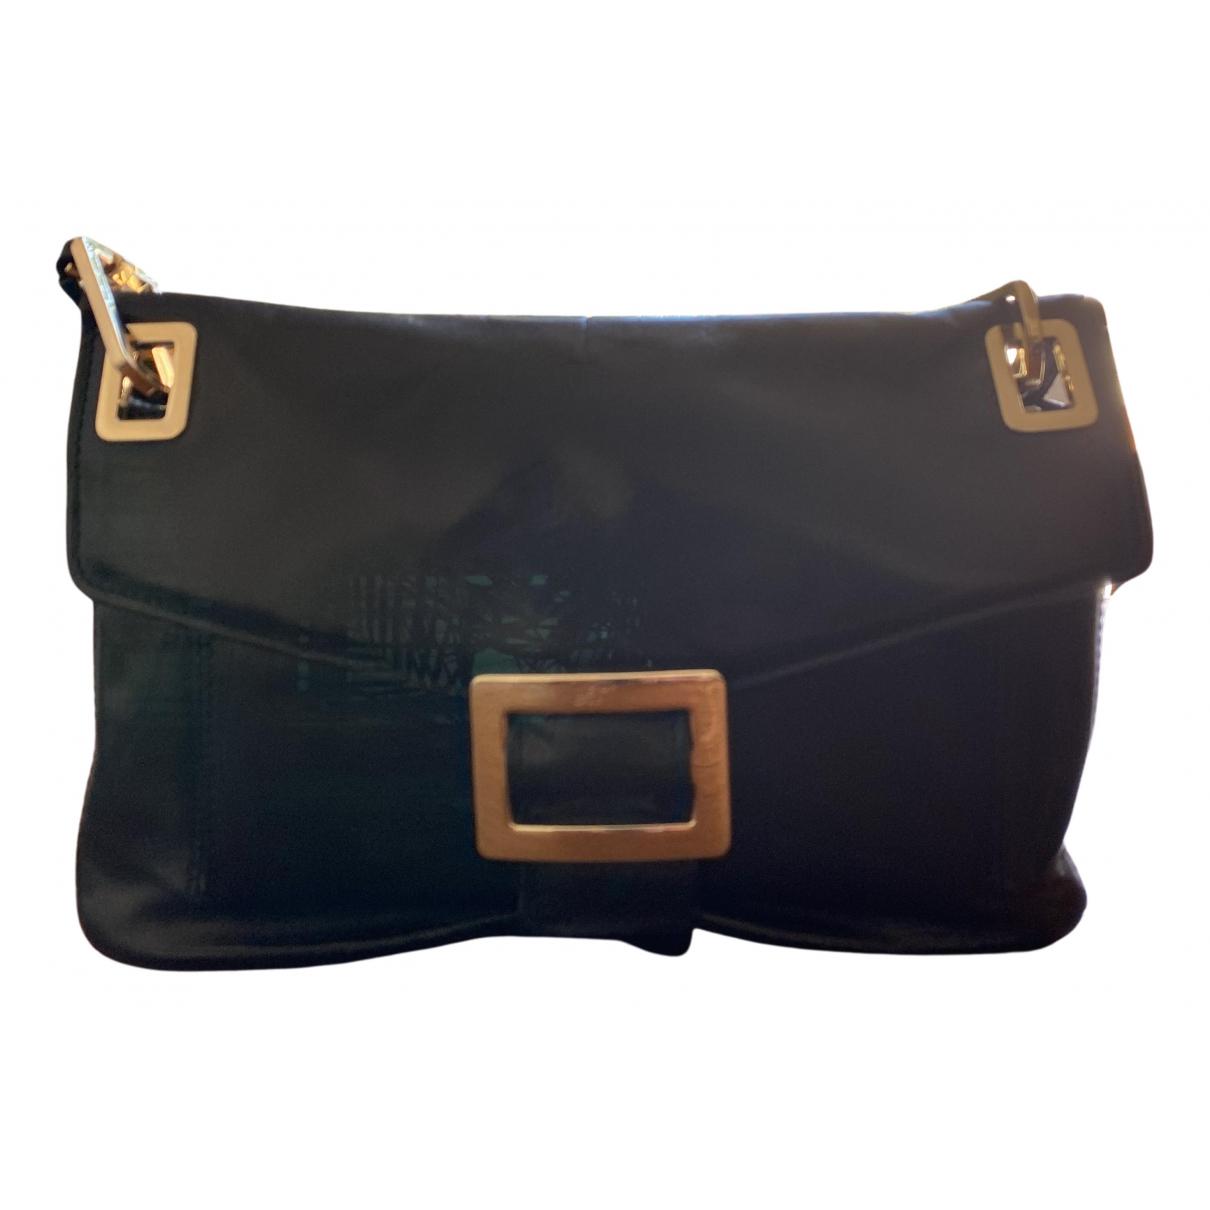 Roger Vivier N Black Leather handbag for Women N